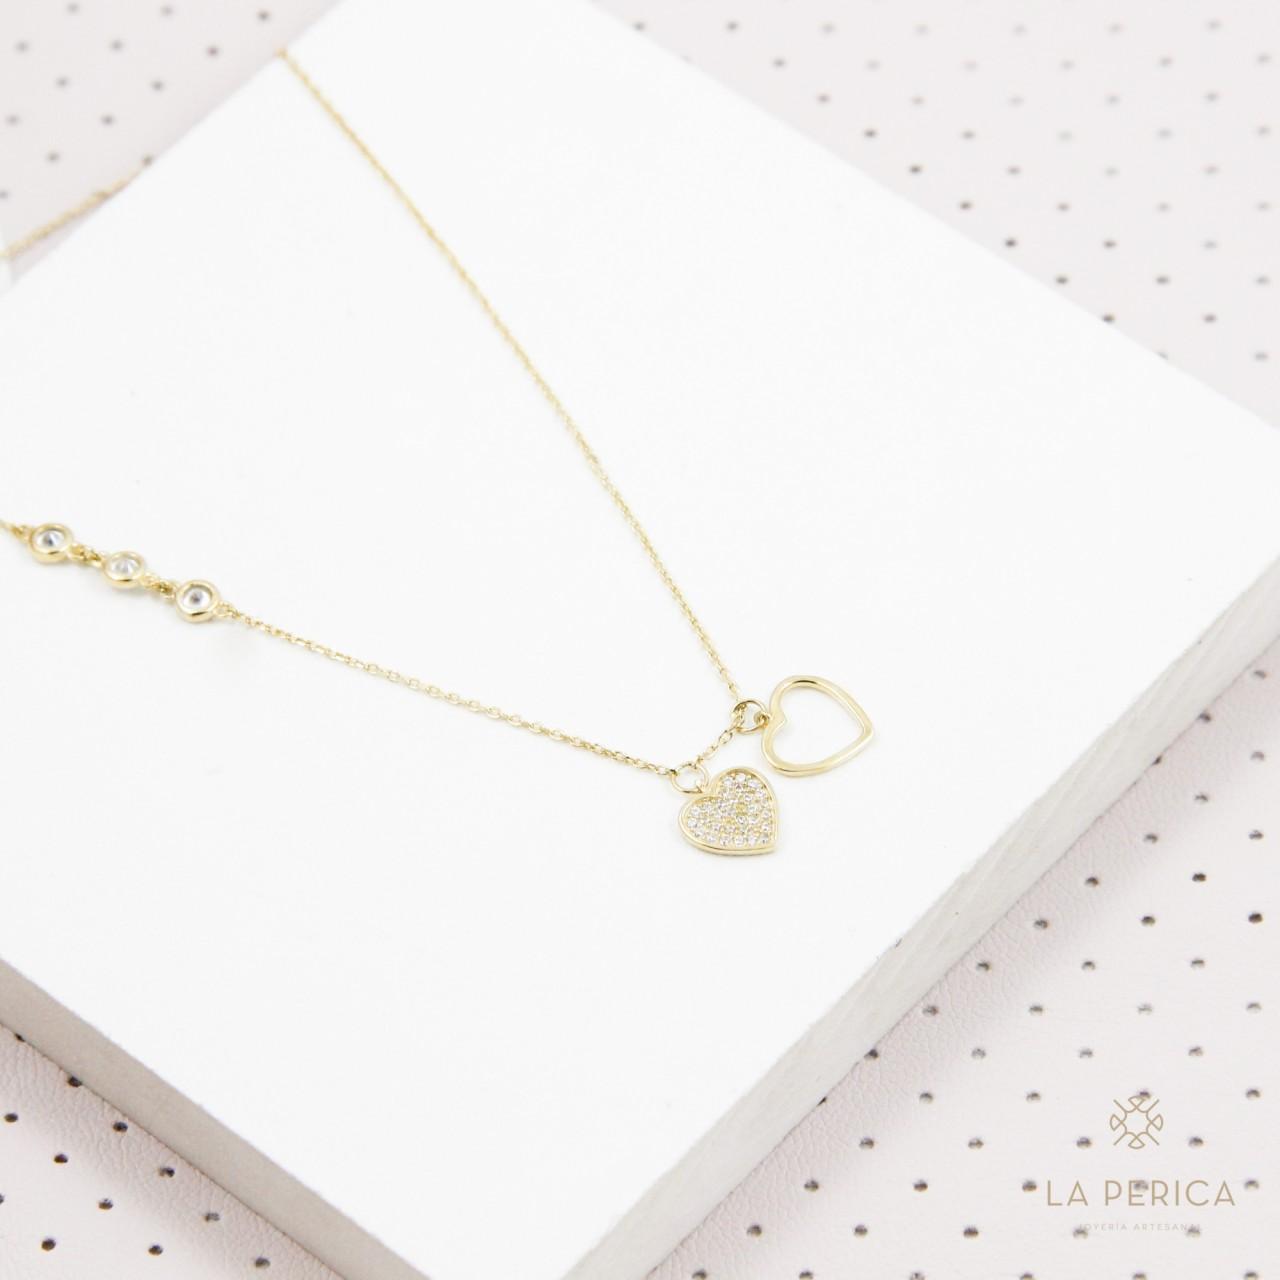 b992045a03d7 Collar corazones completos (plata enchapada en oro)